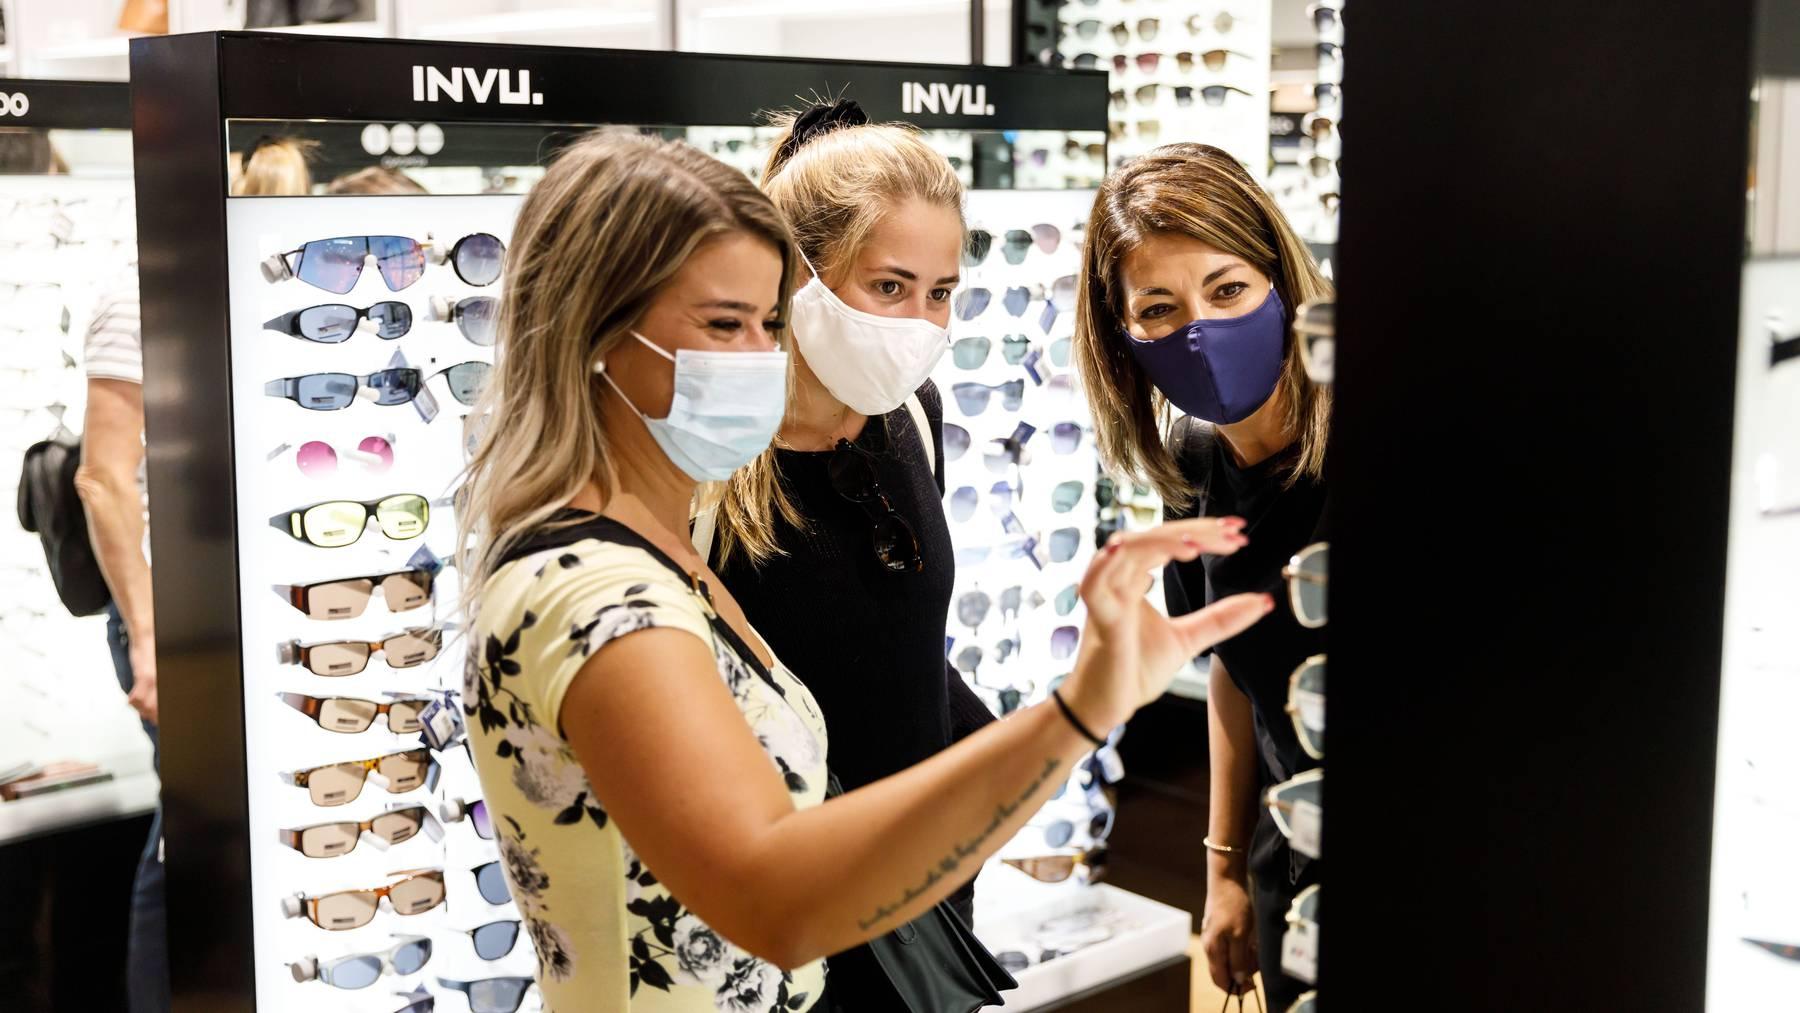 Zug ist der erste Kanton in der Zentralschweiz, der eine Maskenpflicht in Läden einführt. (Symbolbild)